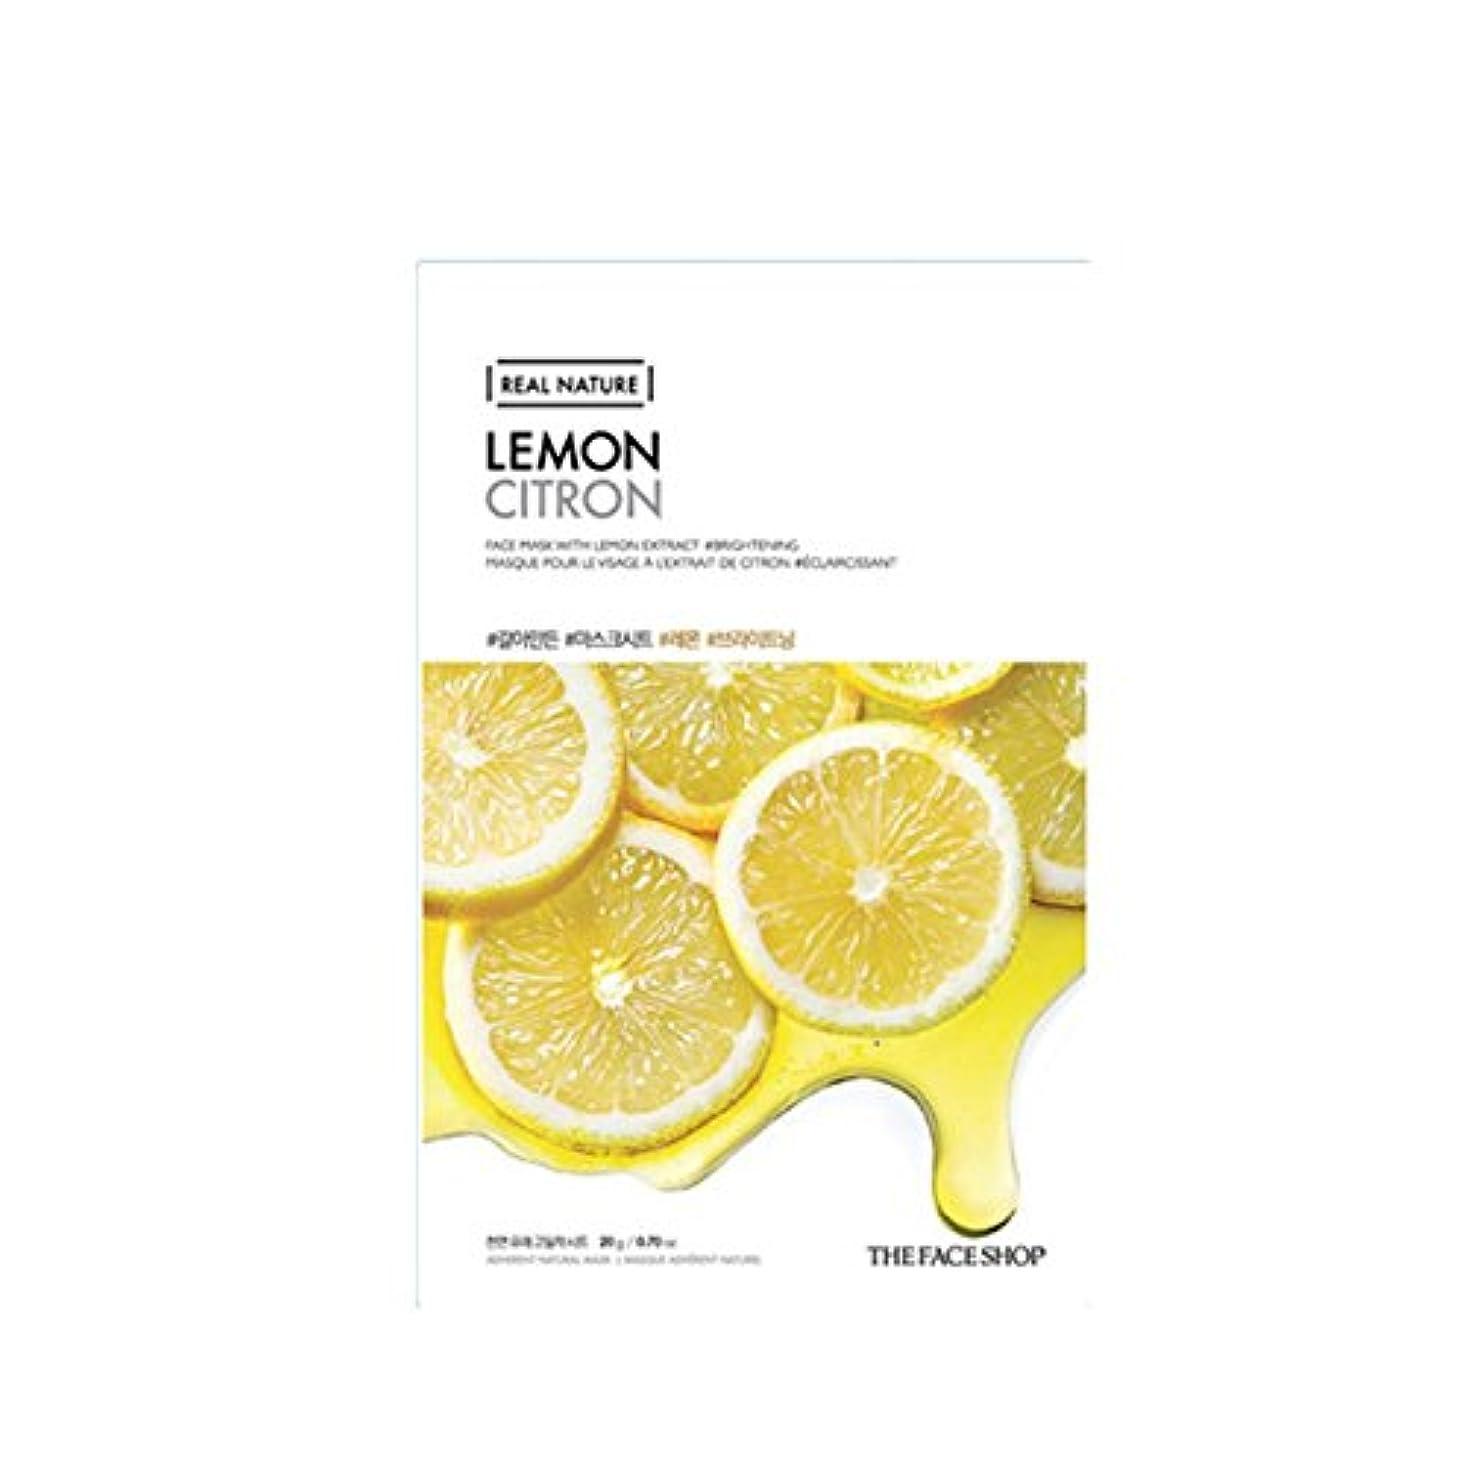 苗アブセイ追い払う[The Face Shop] ザフェイスショップ リアルネイチャーマスクシート Real Nature Mask Sheet (Lemon (レモン) 10個) [並行輸入品]